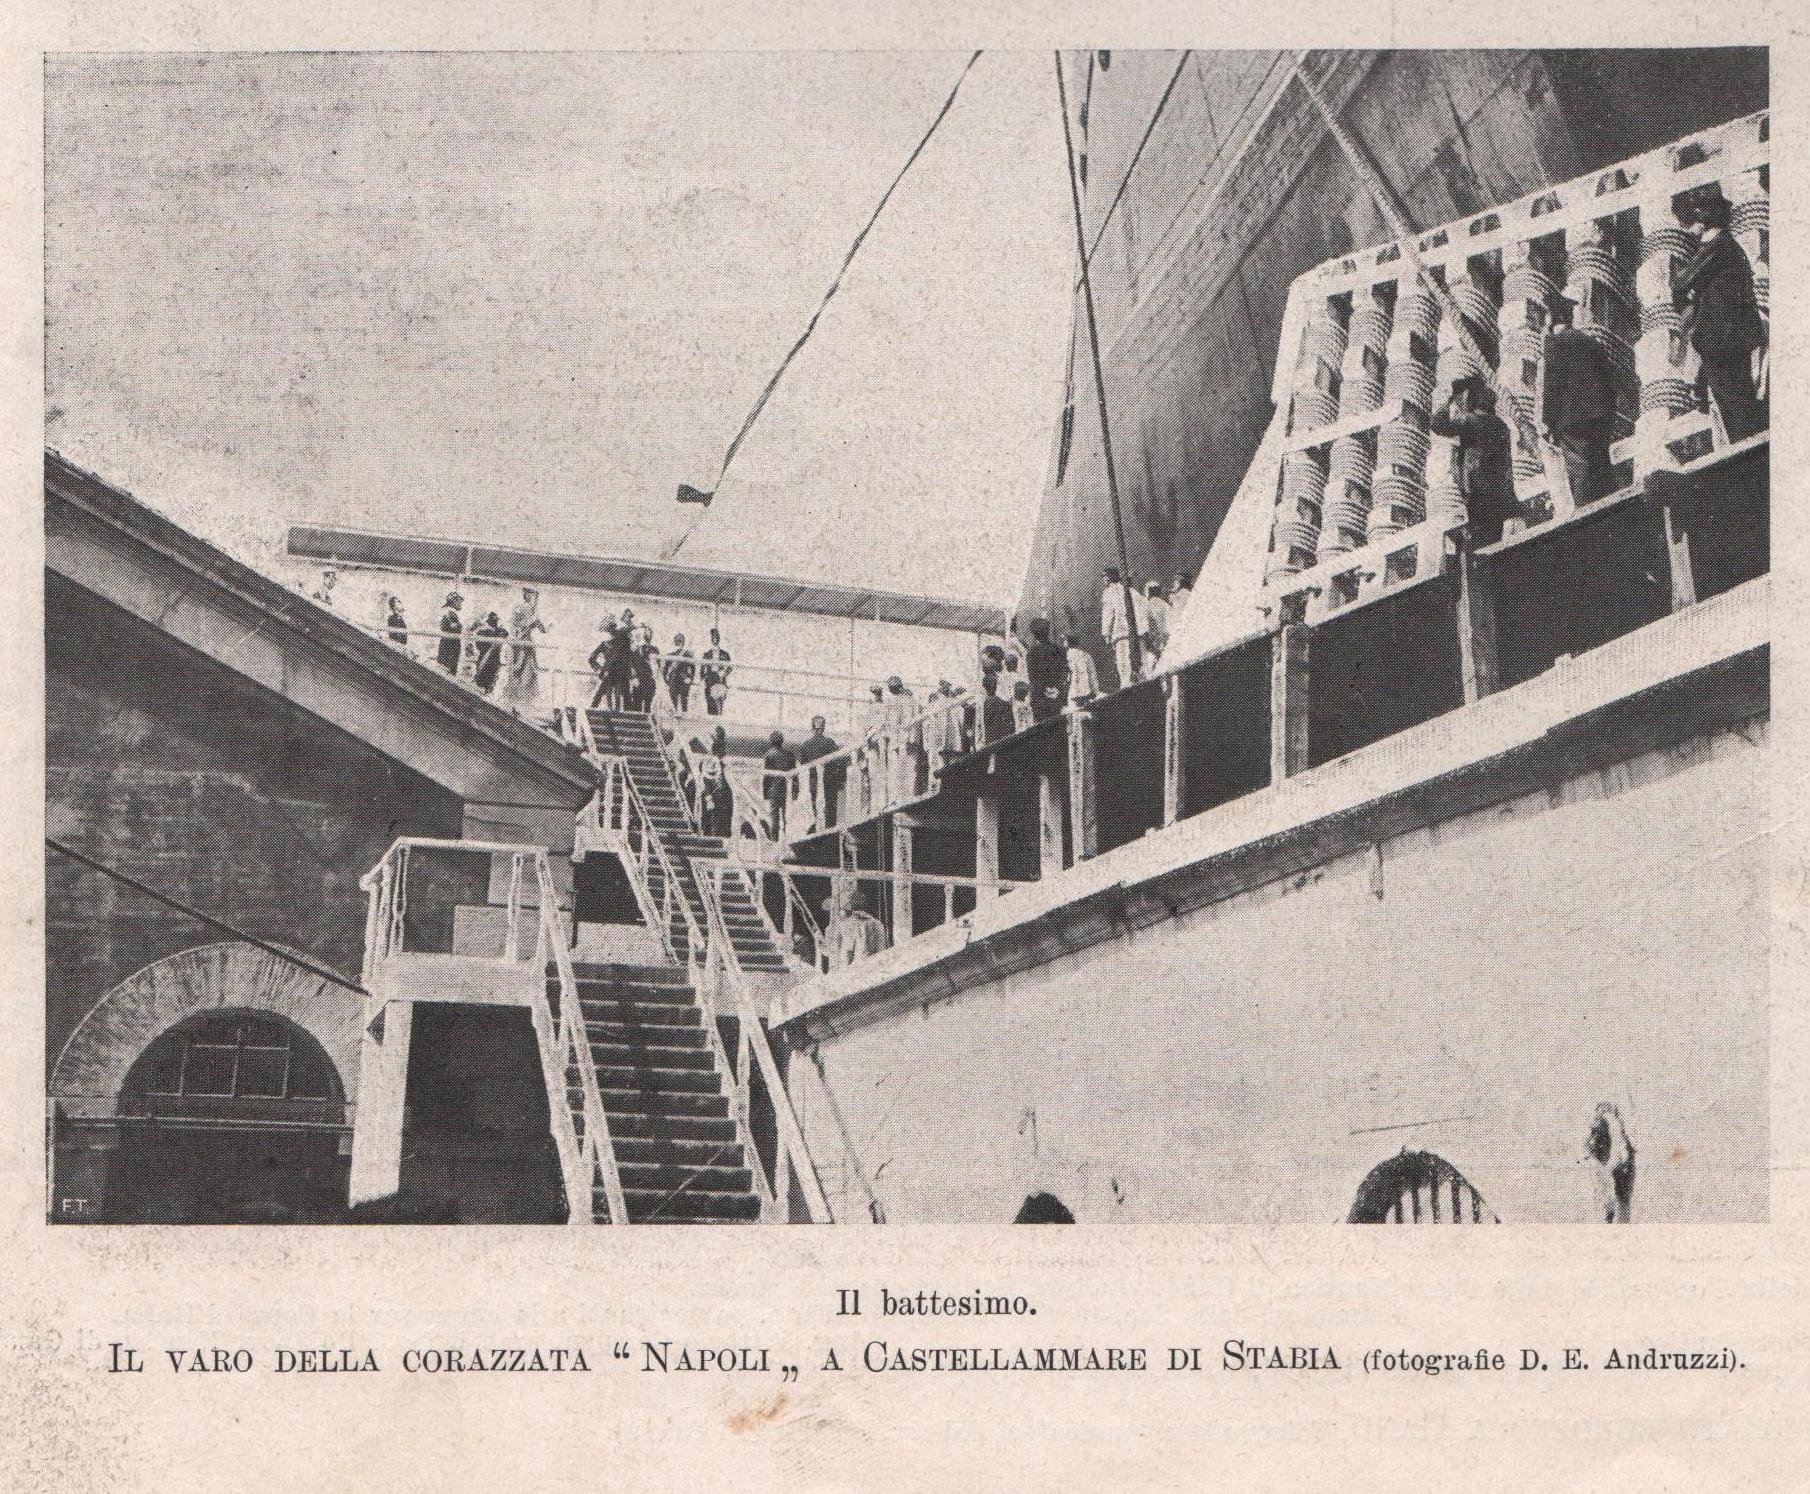 La nave corazzata Napoli